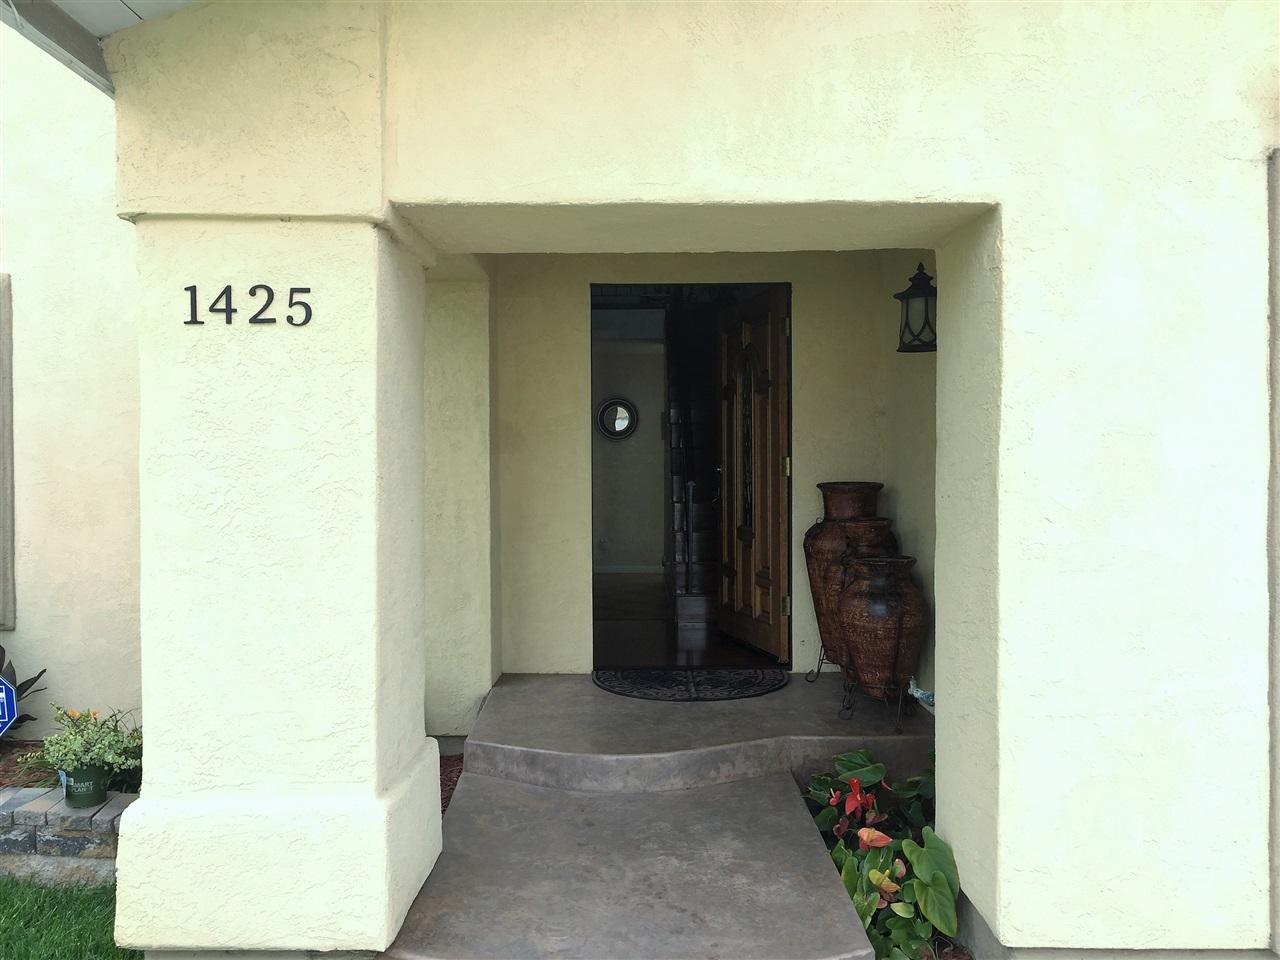 1425 New Chatel Drive, San Diego, CA 92154